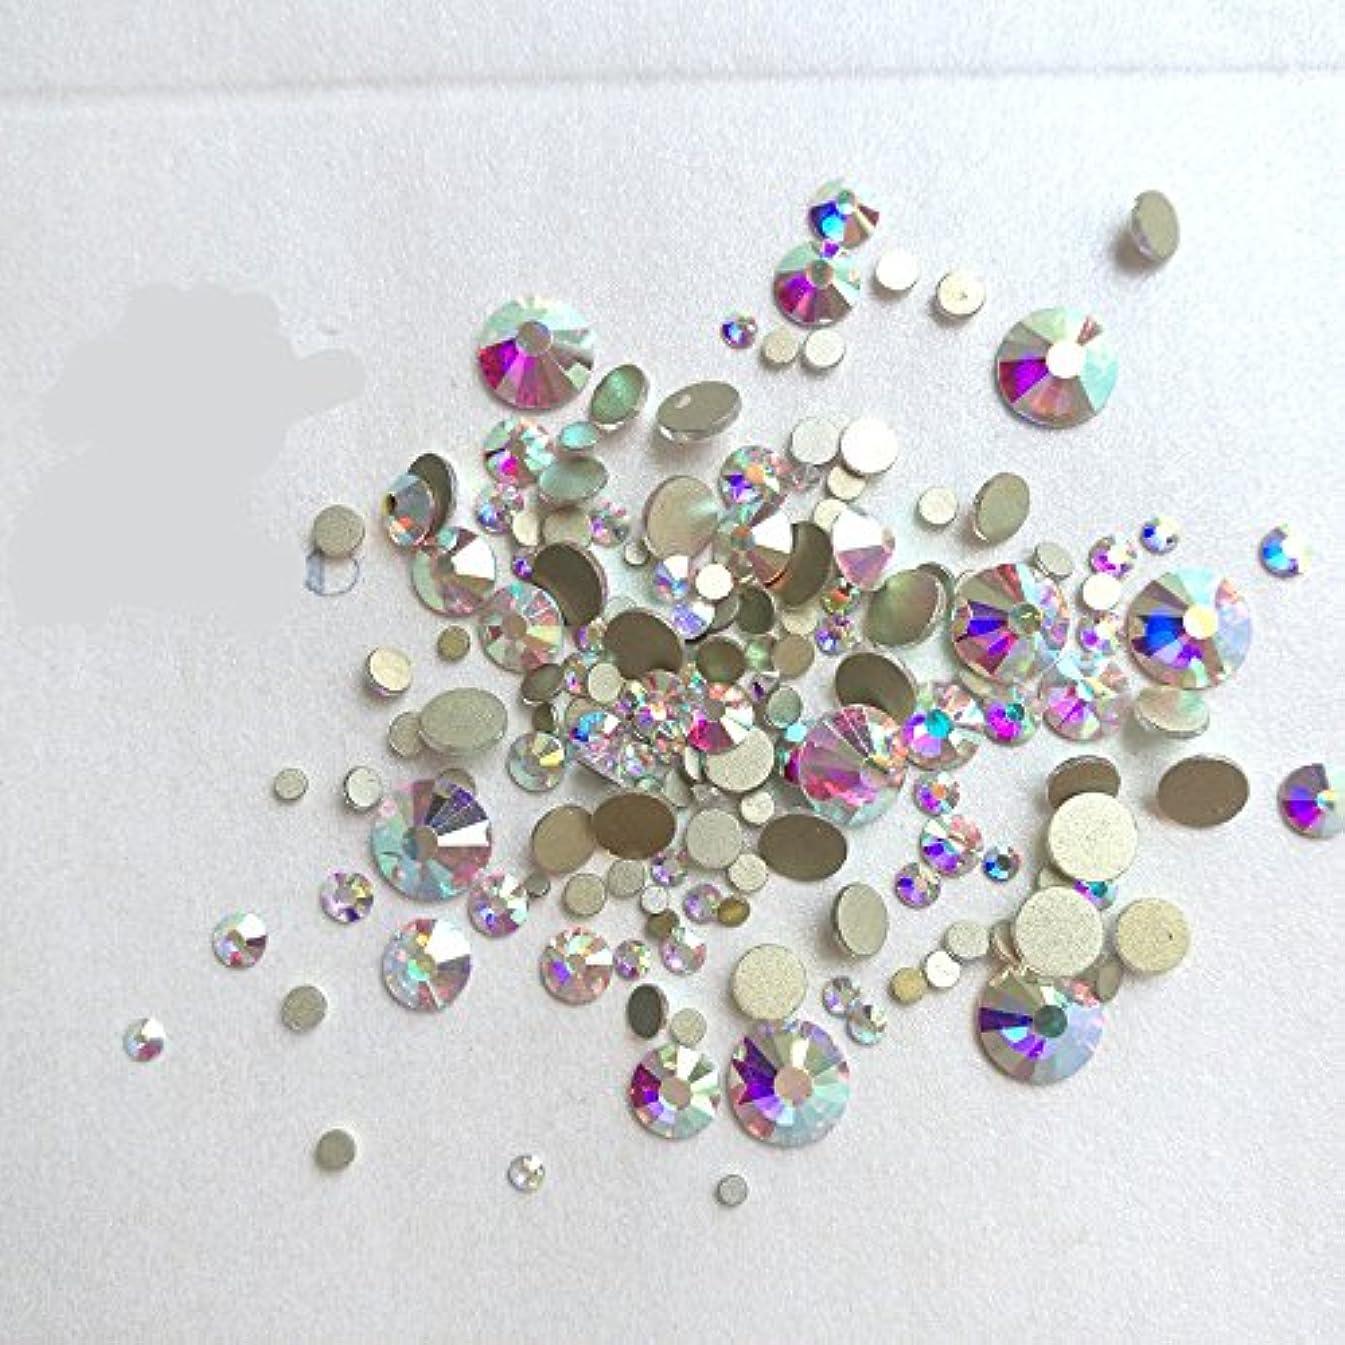 消化器呼吸する契約したガラス製ラインストーン クリスタルAB 各サイズ選択可能 (6.5mm (SS30) 約288粒) [並行輸入品]